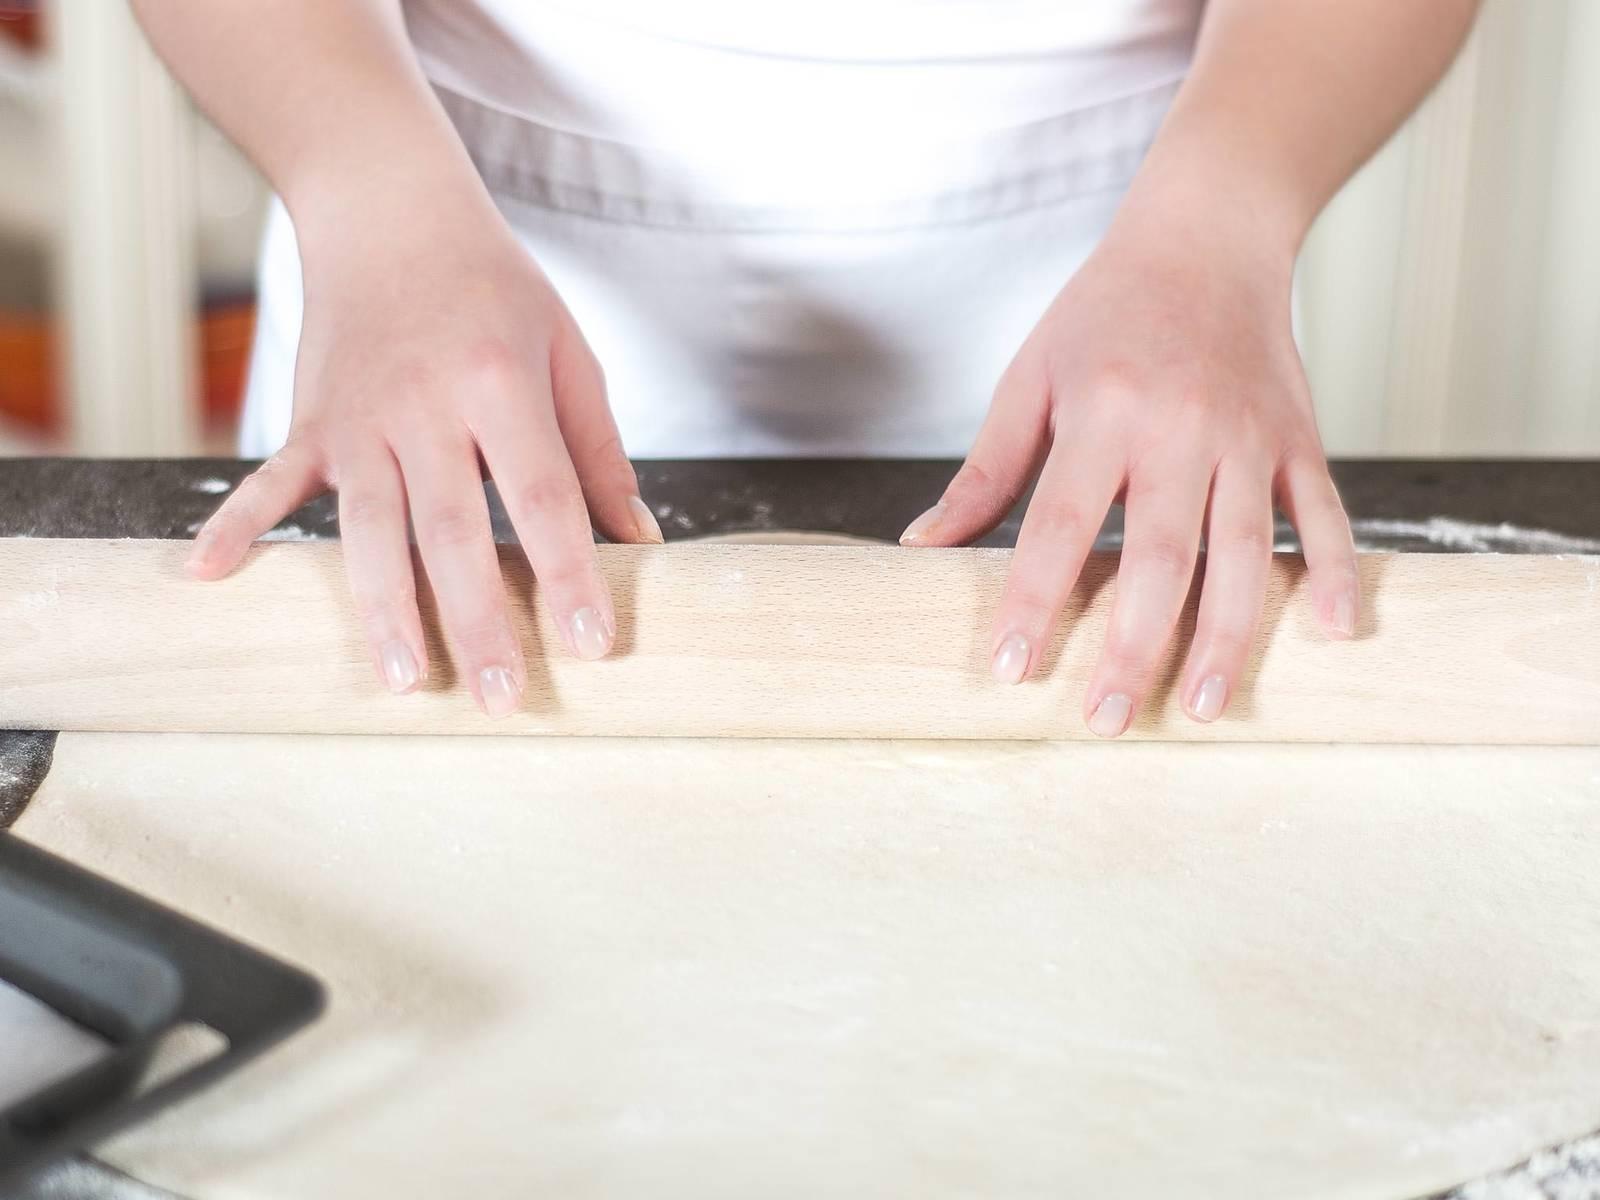 将烤箱预热至180摄氏度。将面团擀成约0,5厘米厚的面饼,放入铺有烘焙纸的烤盘中。